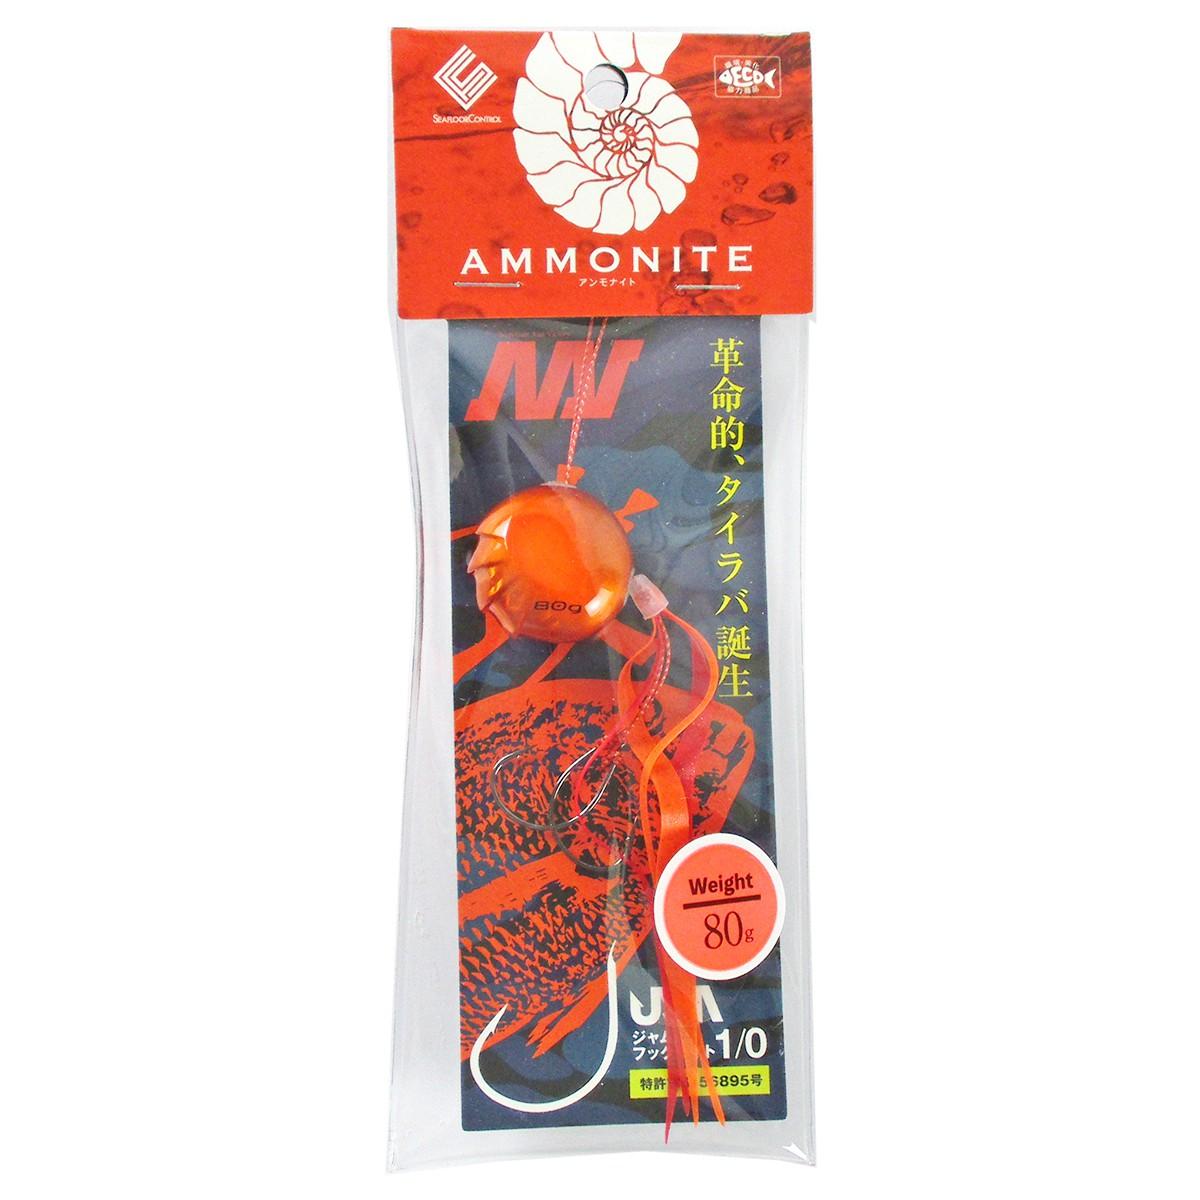 アンモナイト コンプリート 80g 01.オレンジ